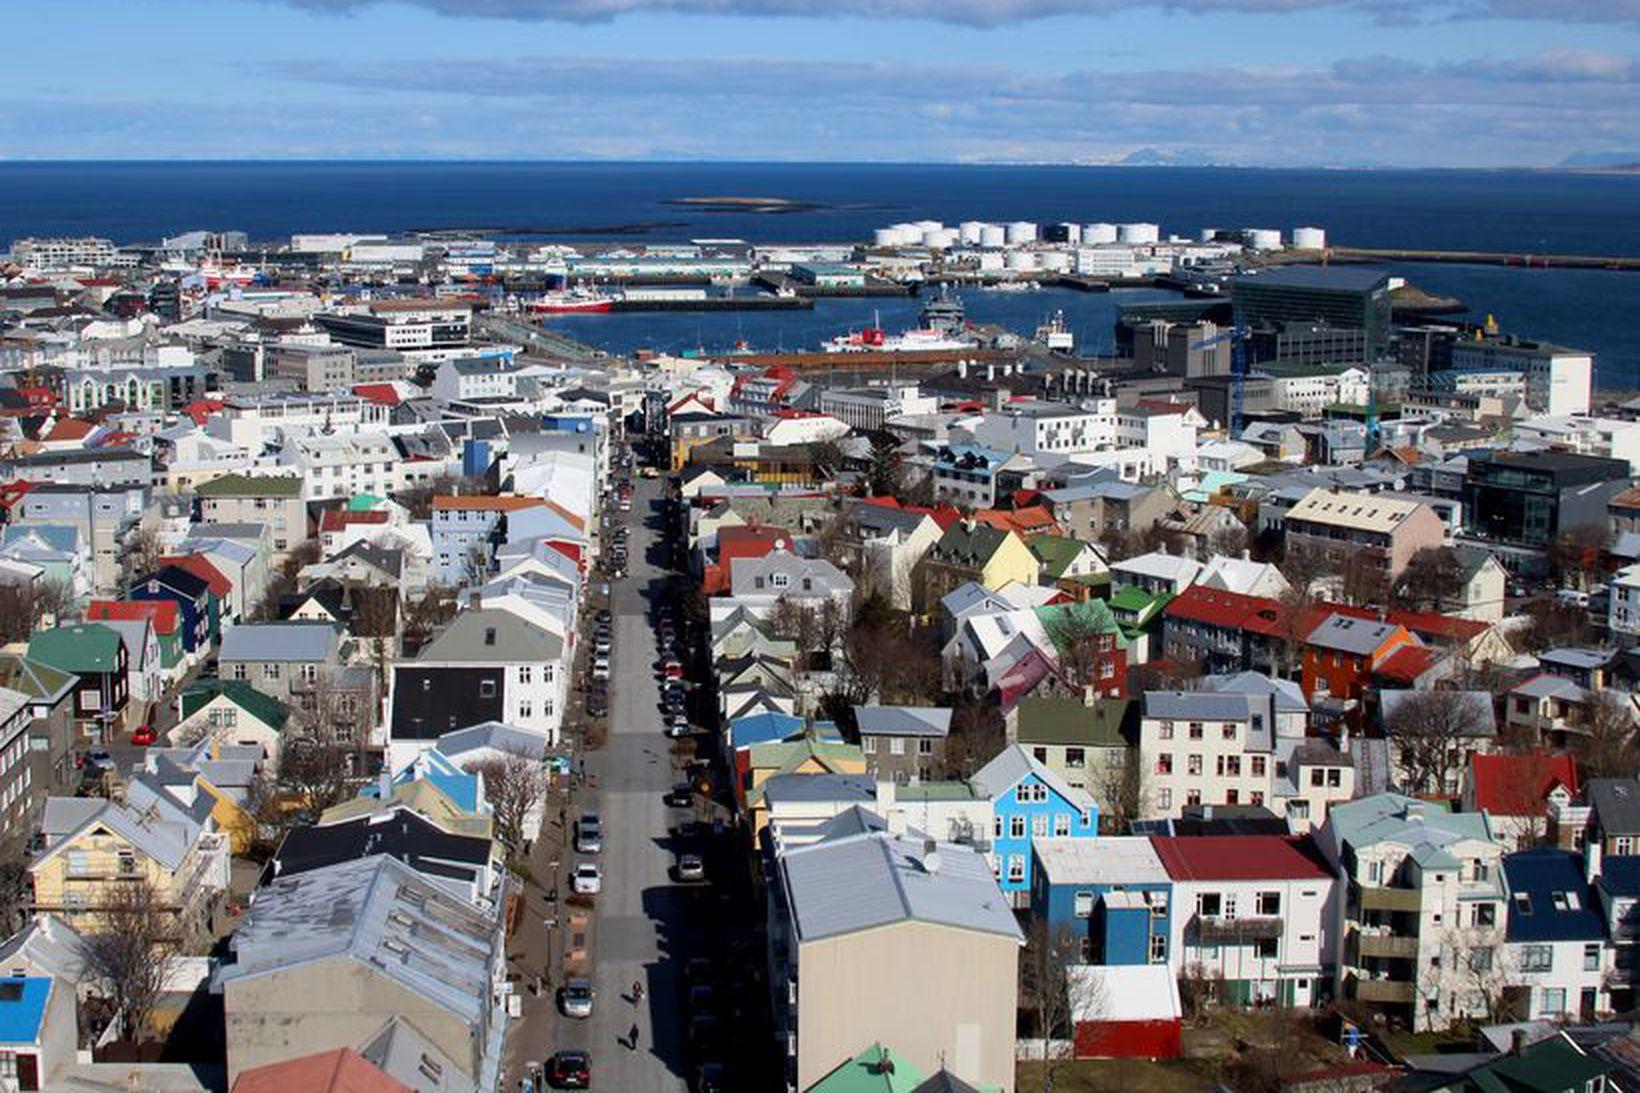 Verð á fjölbýli hefur hækkað um 3,7% á síðustu 12 …